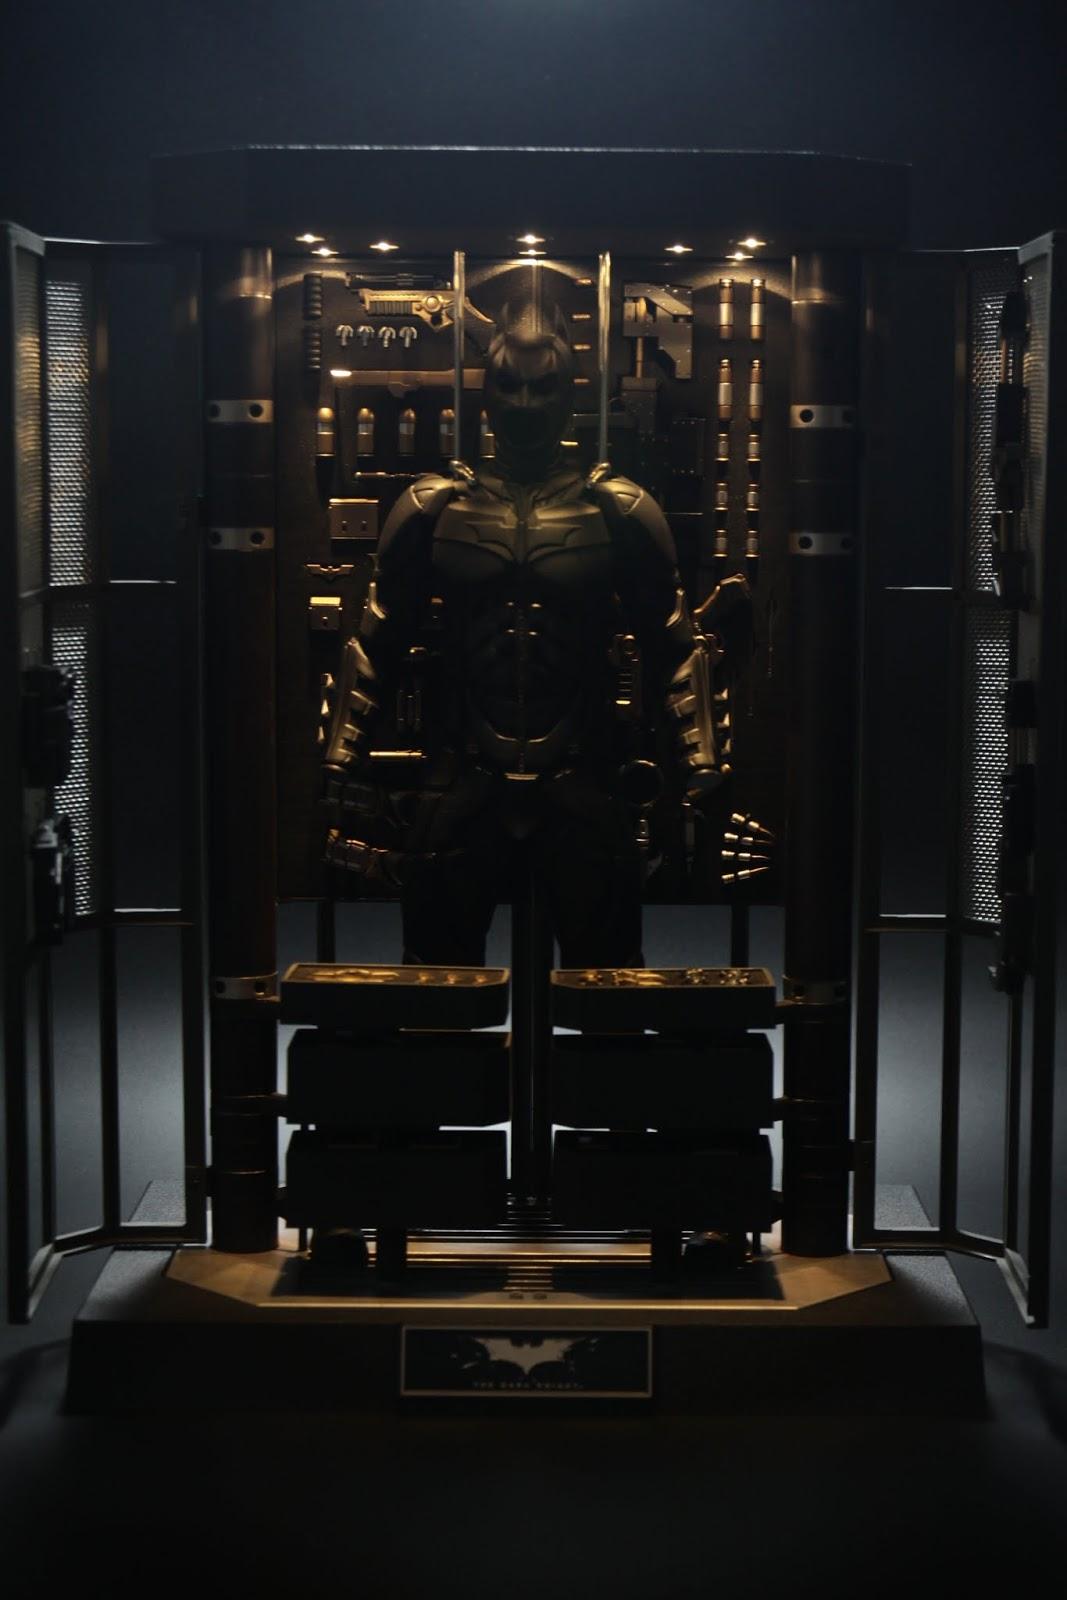 武器櫃打開, 超霸氣